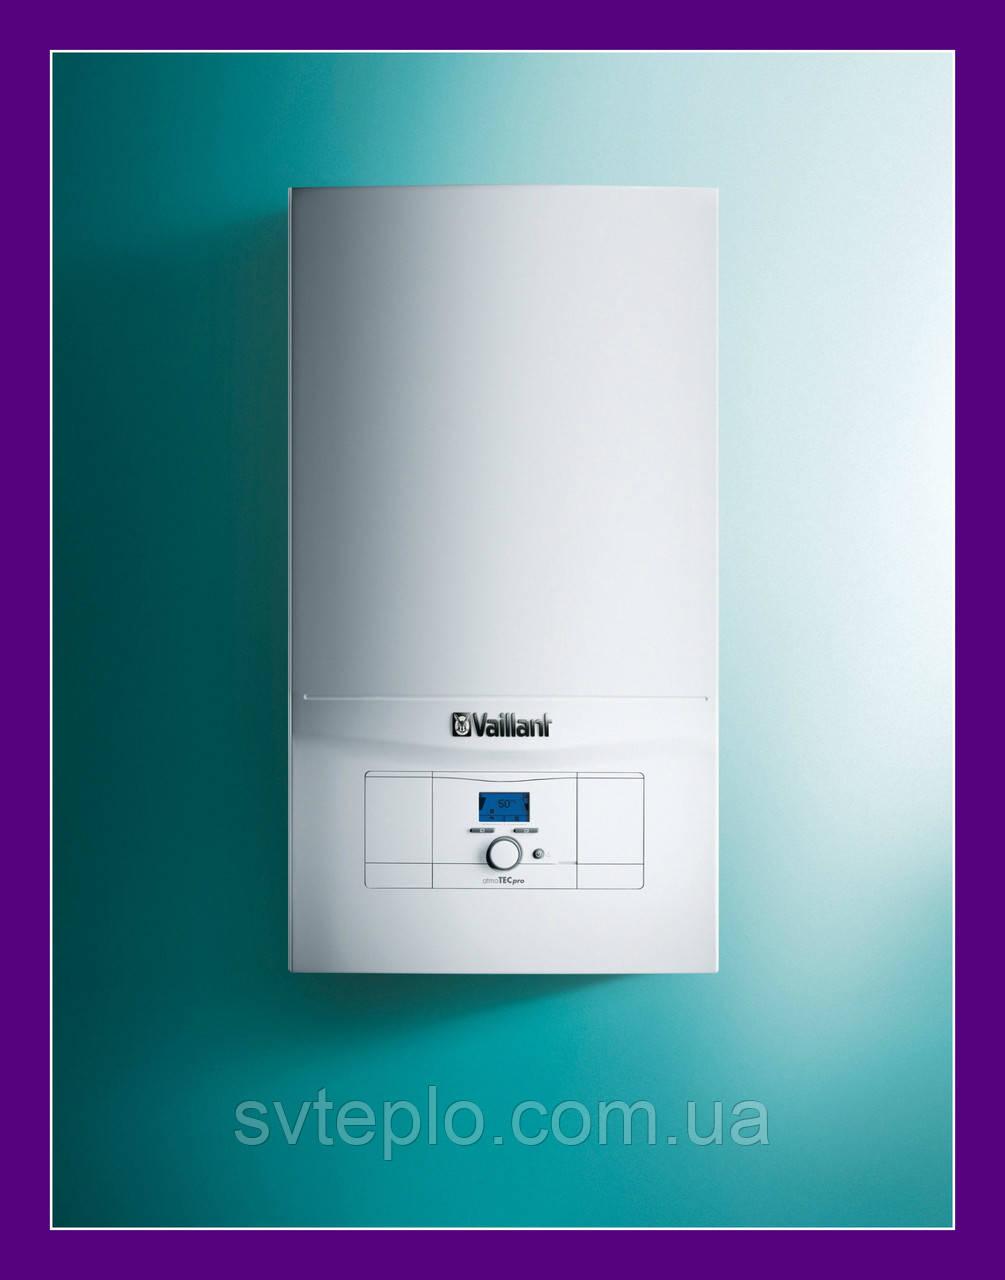 Газовый котел Vaillant atmoTEC pro VUW 280/5-3H  (дымоходный)